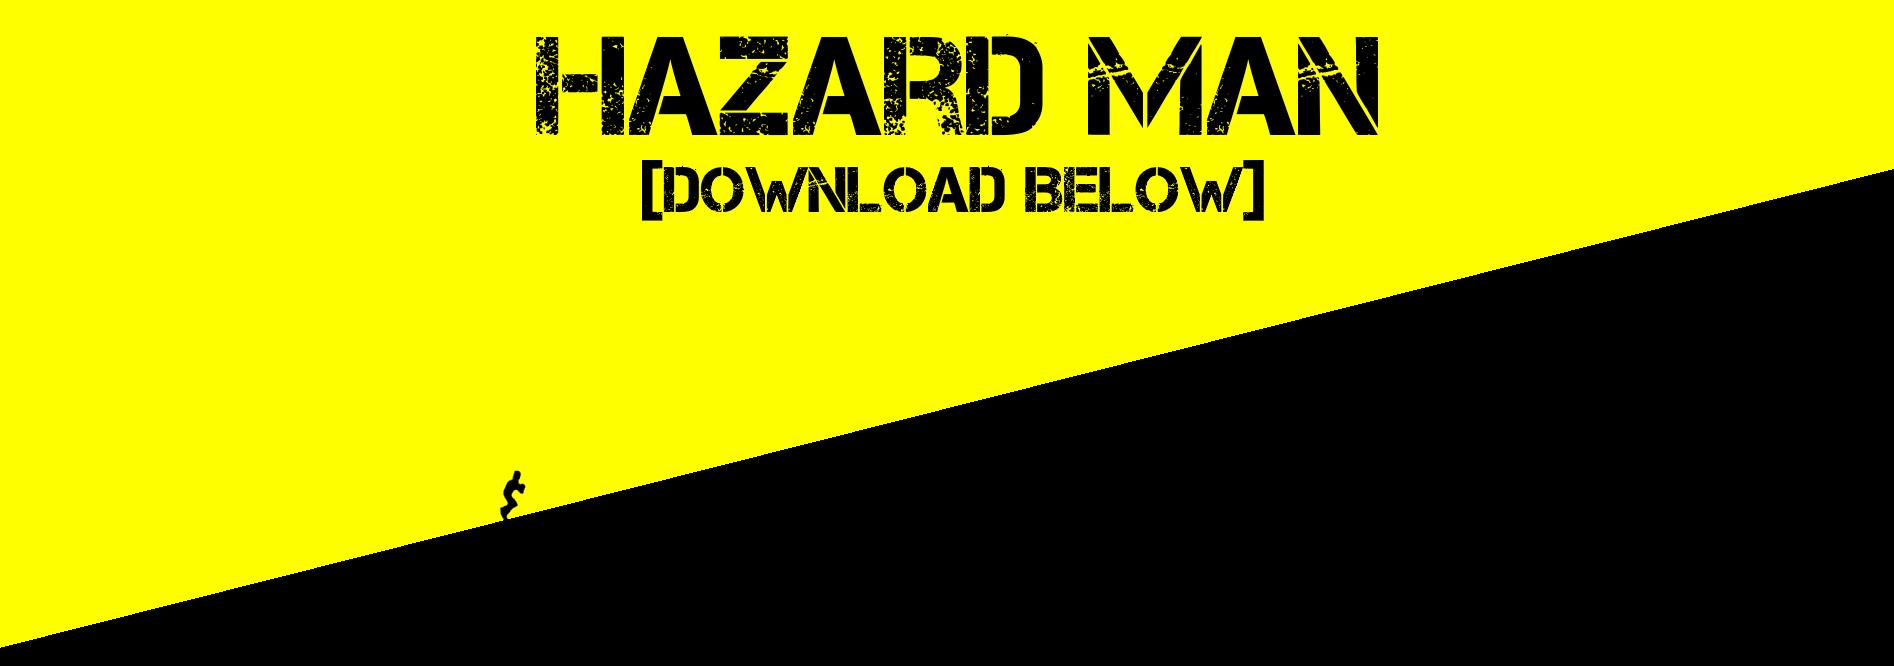 HazardMan [Prototype/GameJam]